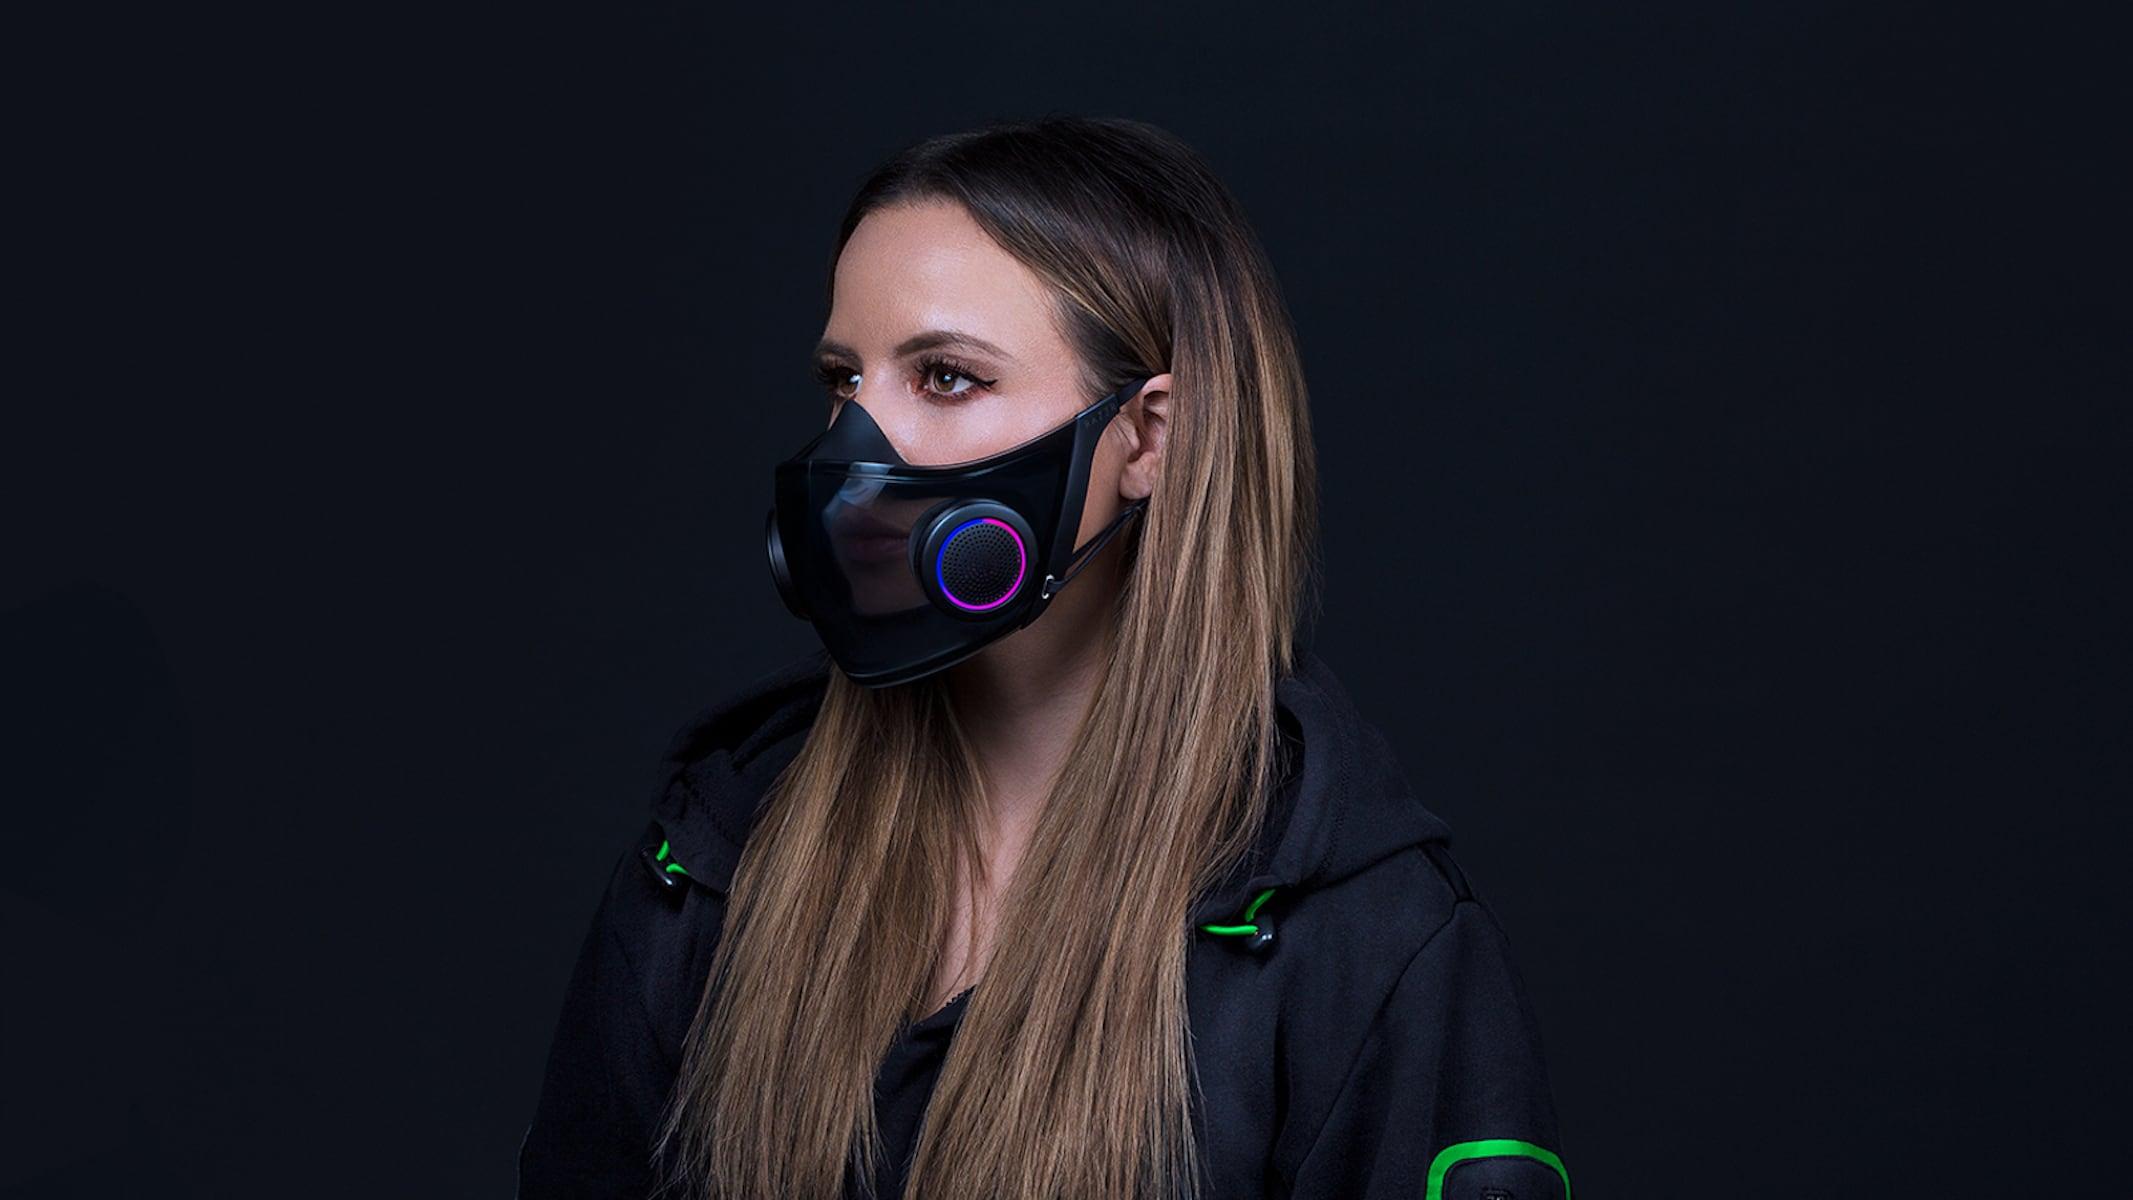 Project Hazel N95 smart mask design